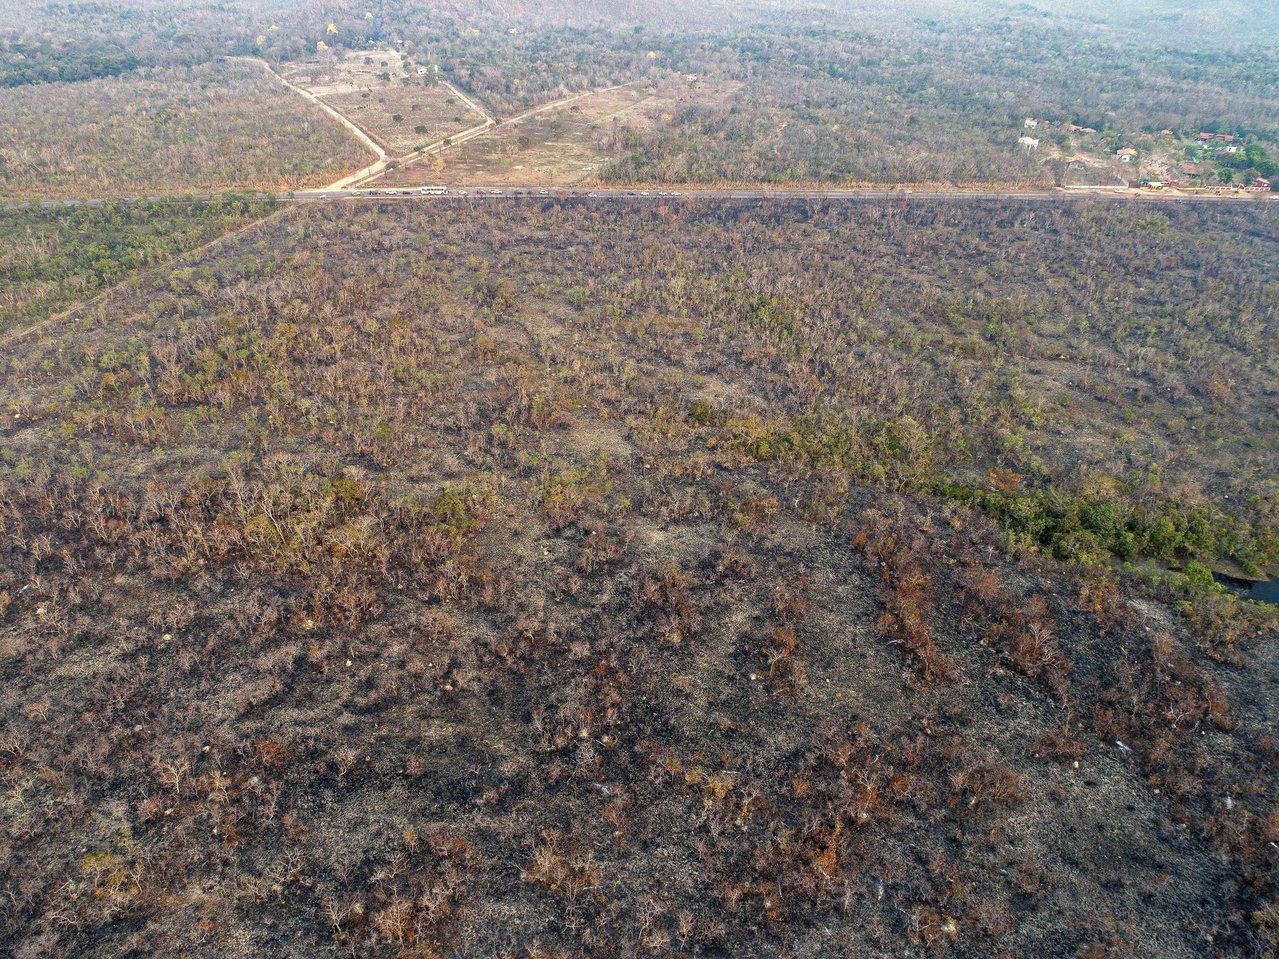 近日亞馬遜雨林爆發嚴重大火,帶動減碳議題。 歐新社